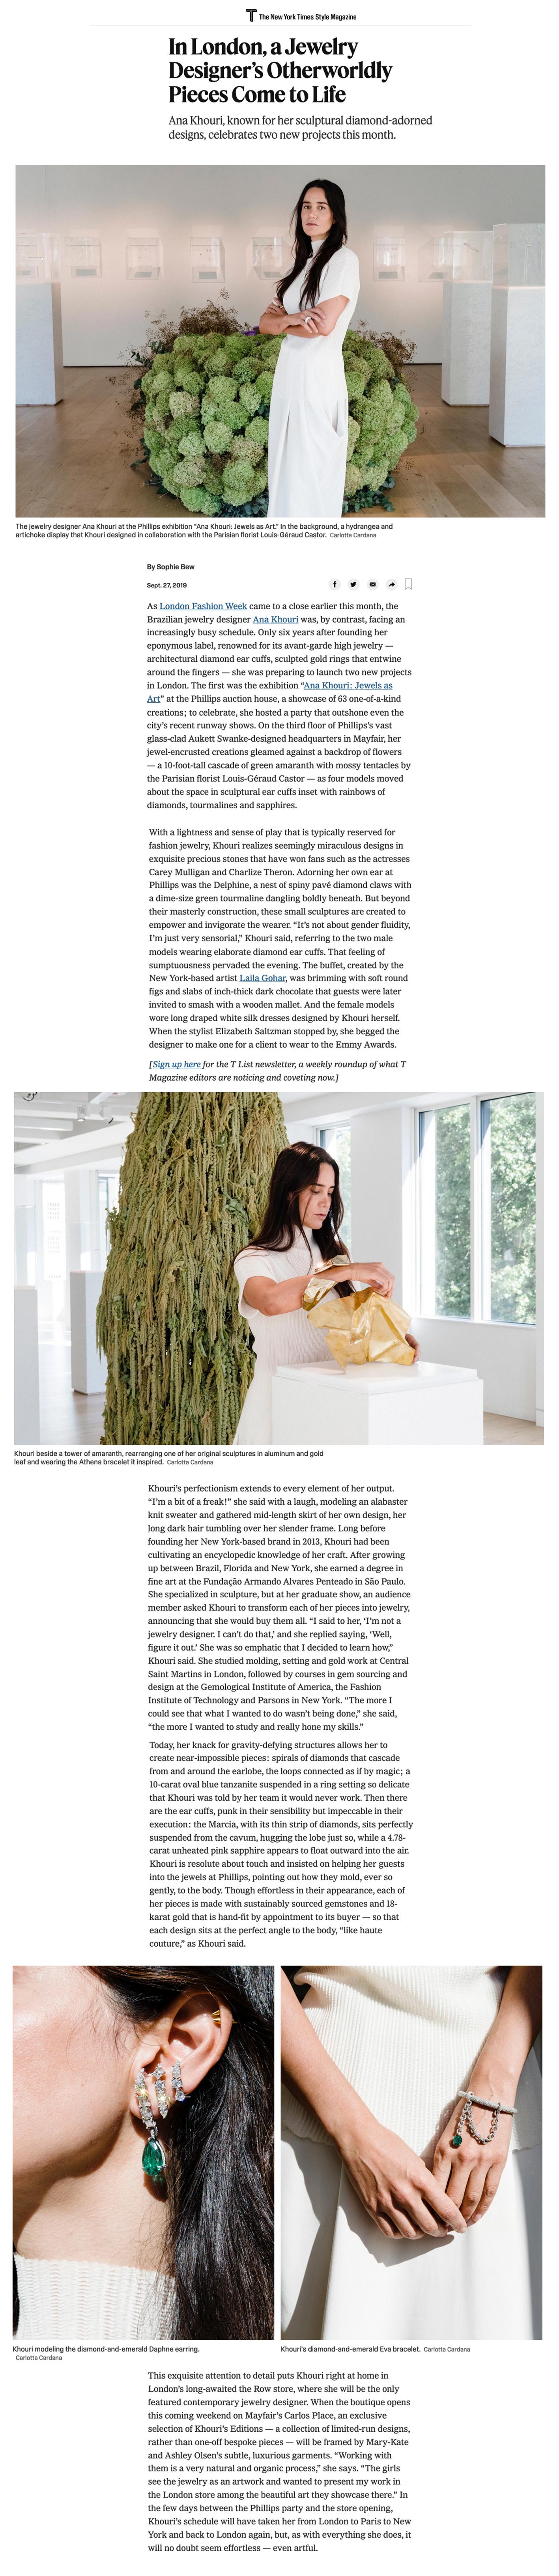 Nytimes.com September 2019 Phillips Exhibition.jpg